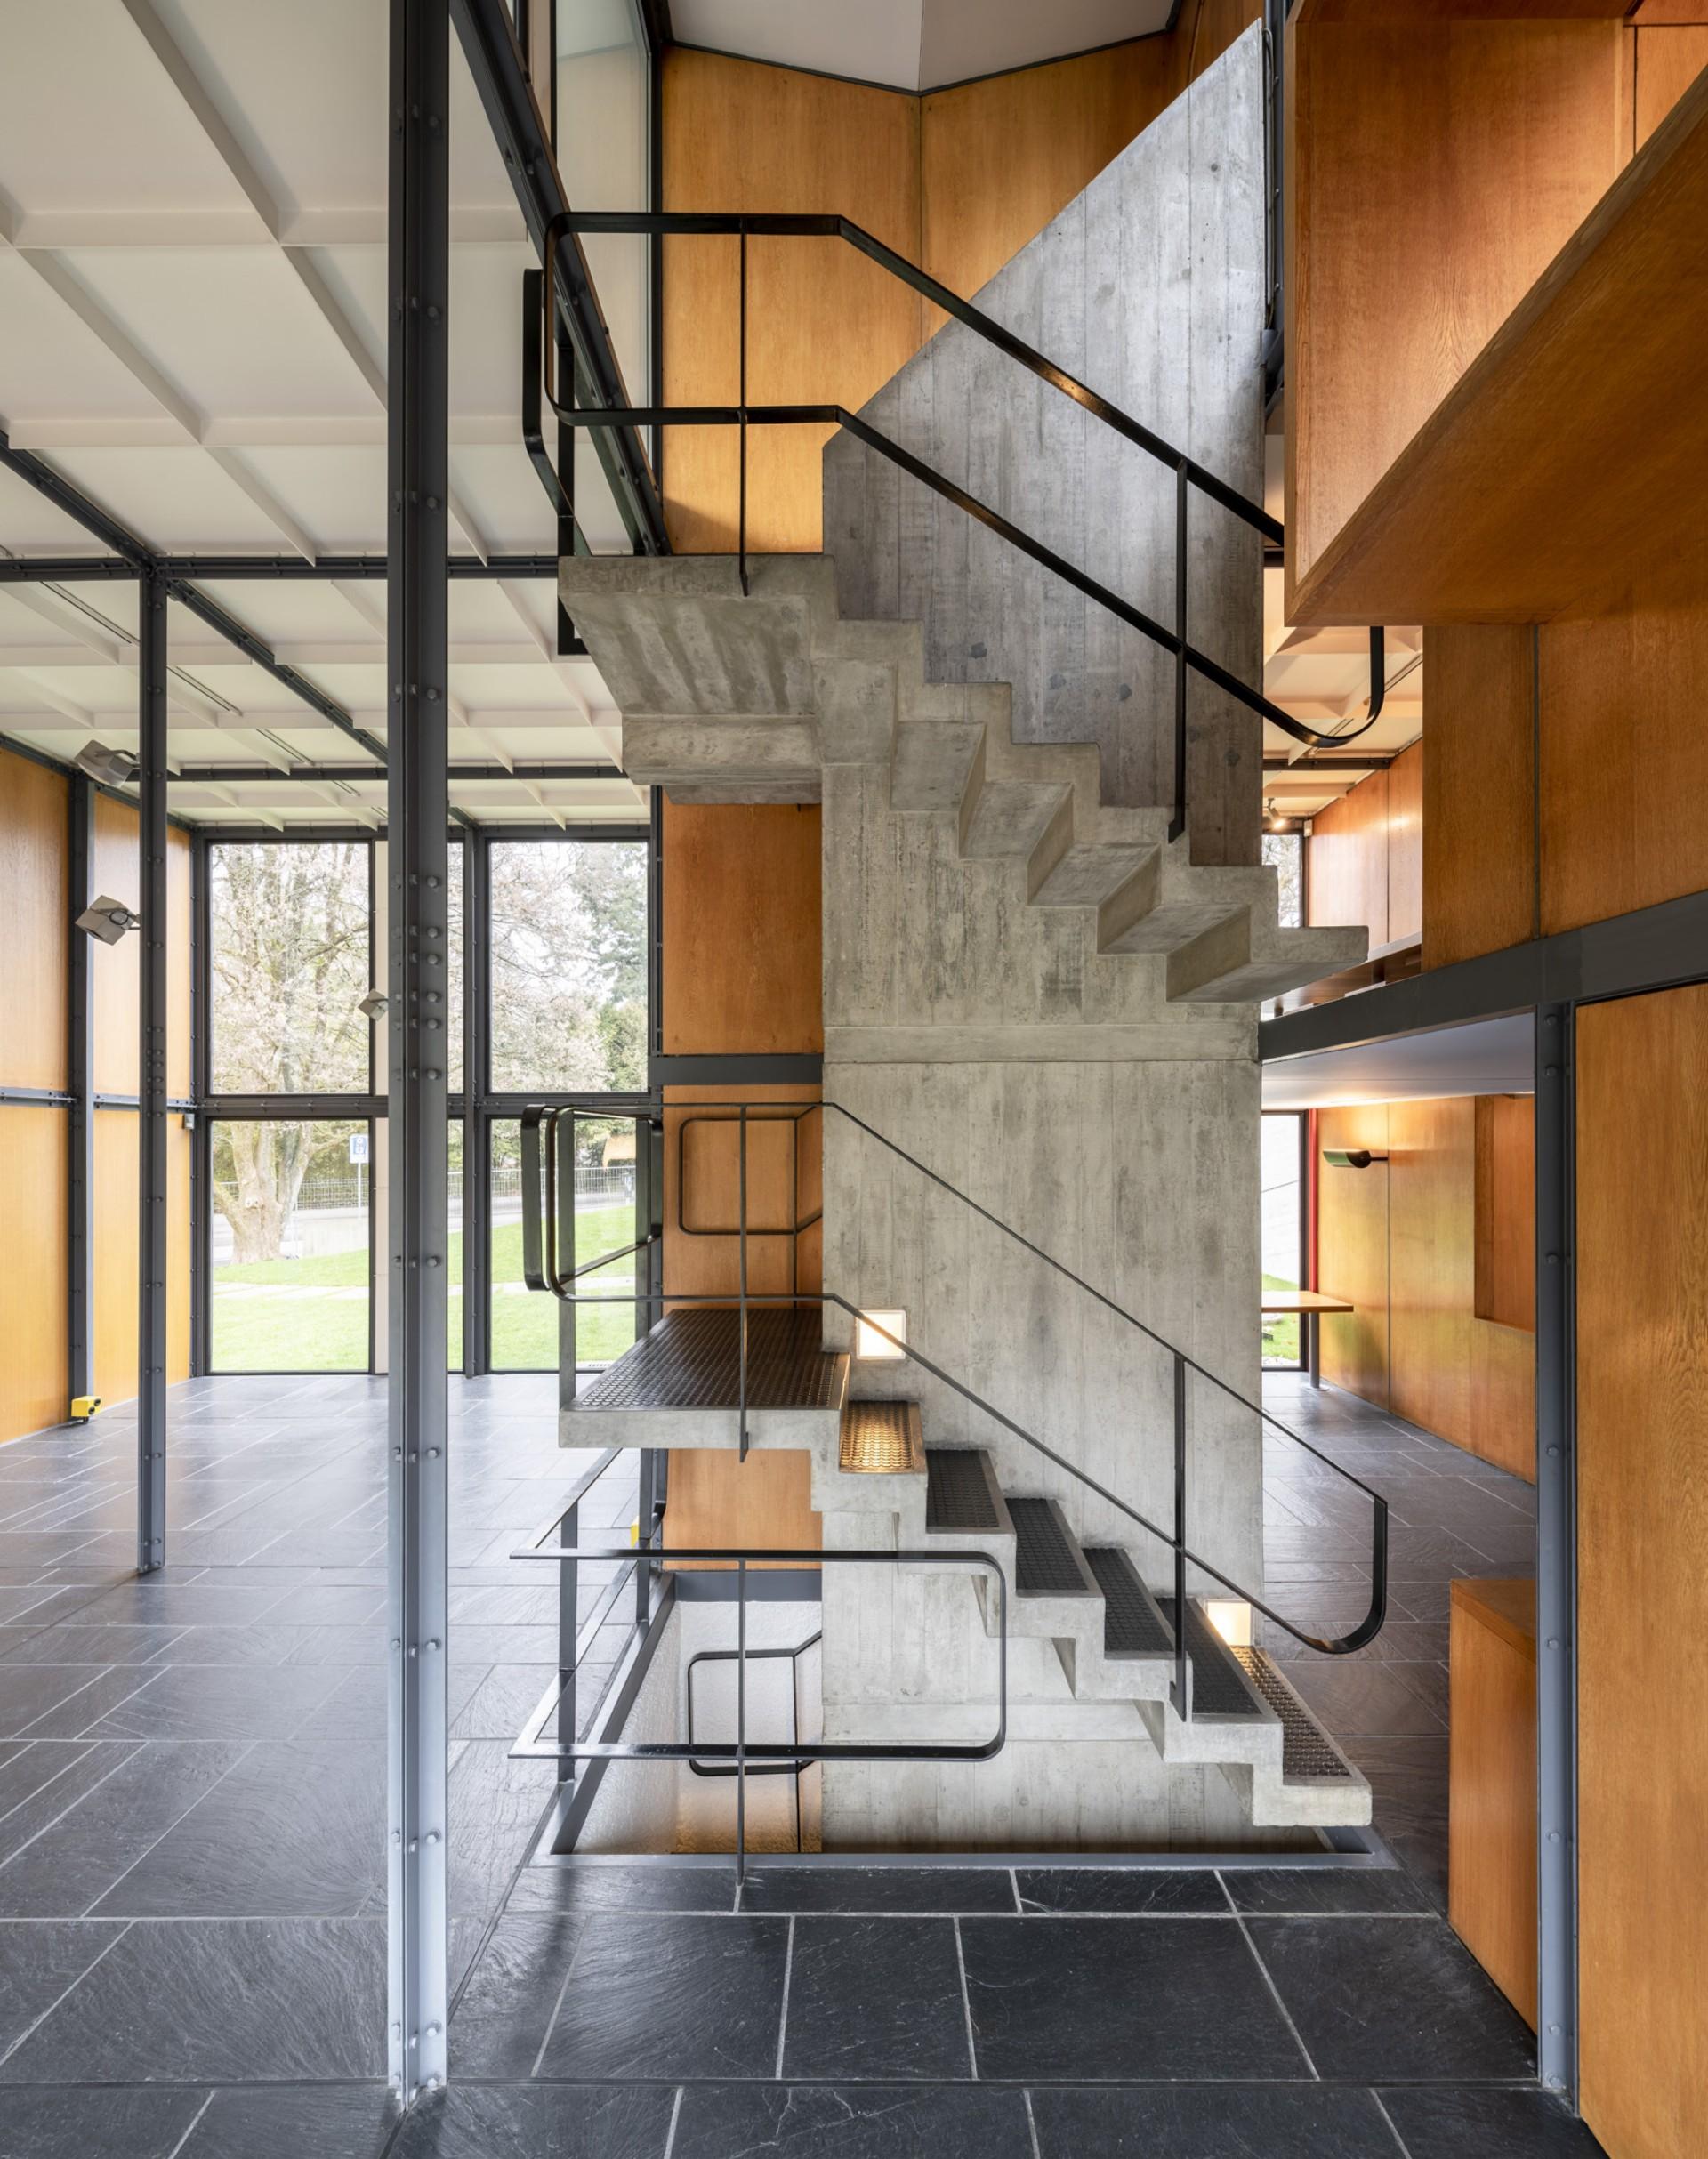 Wiedereroeffnung des Pavillons Le Corbusier in Zuerich mit der ...